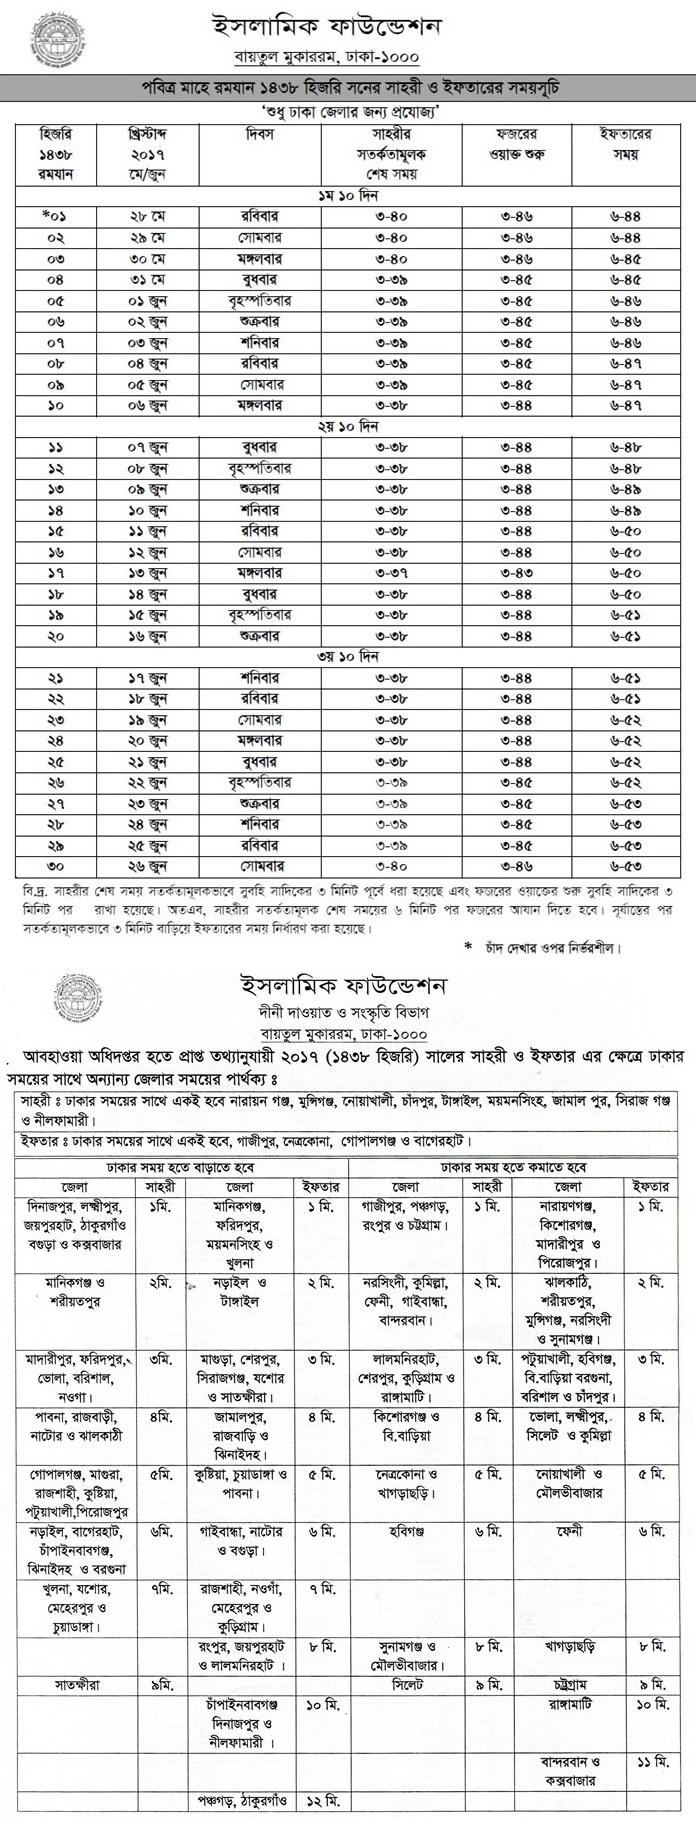 Ramadan Calendar 2017 Bangladesh: Sehri Iftar Timings 1438